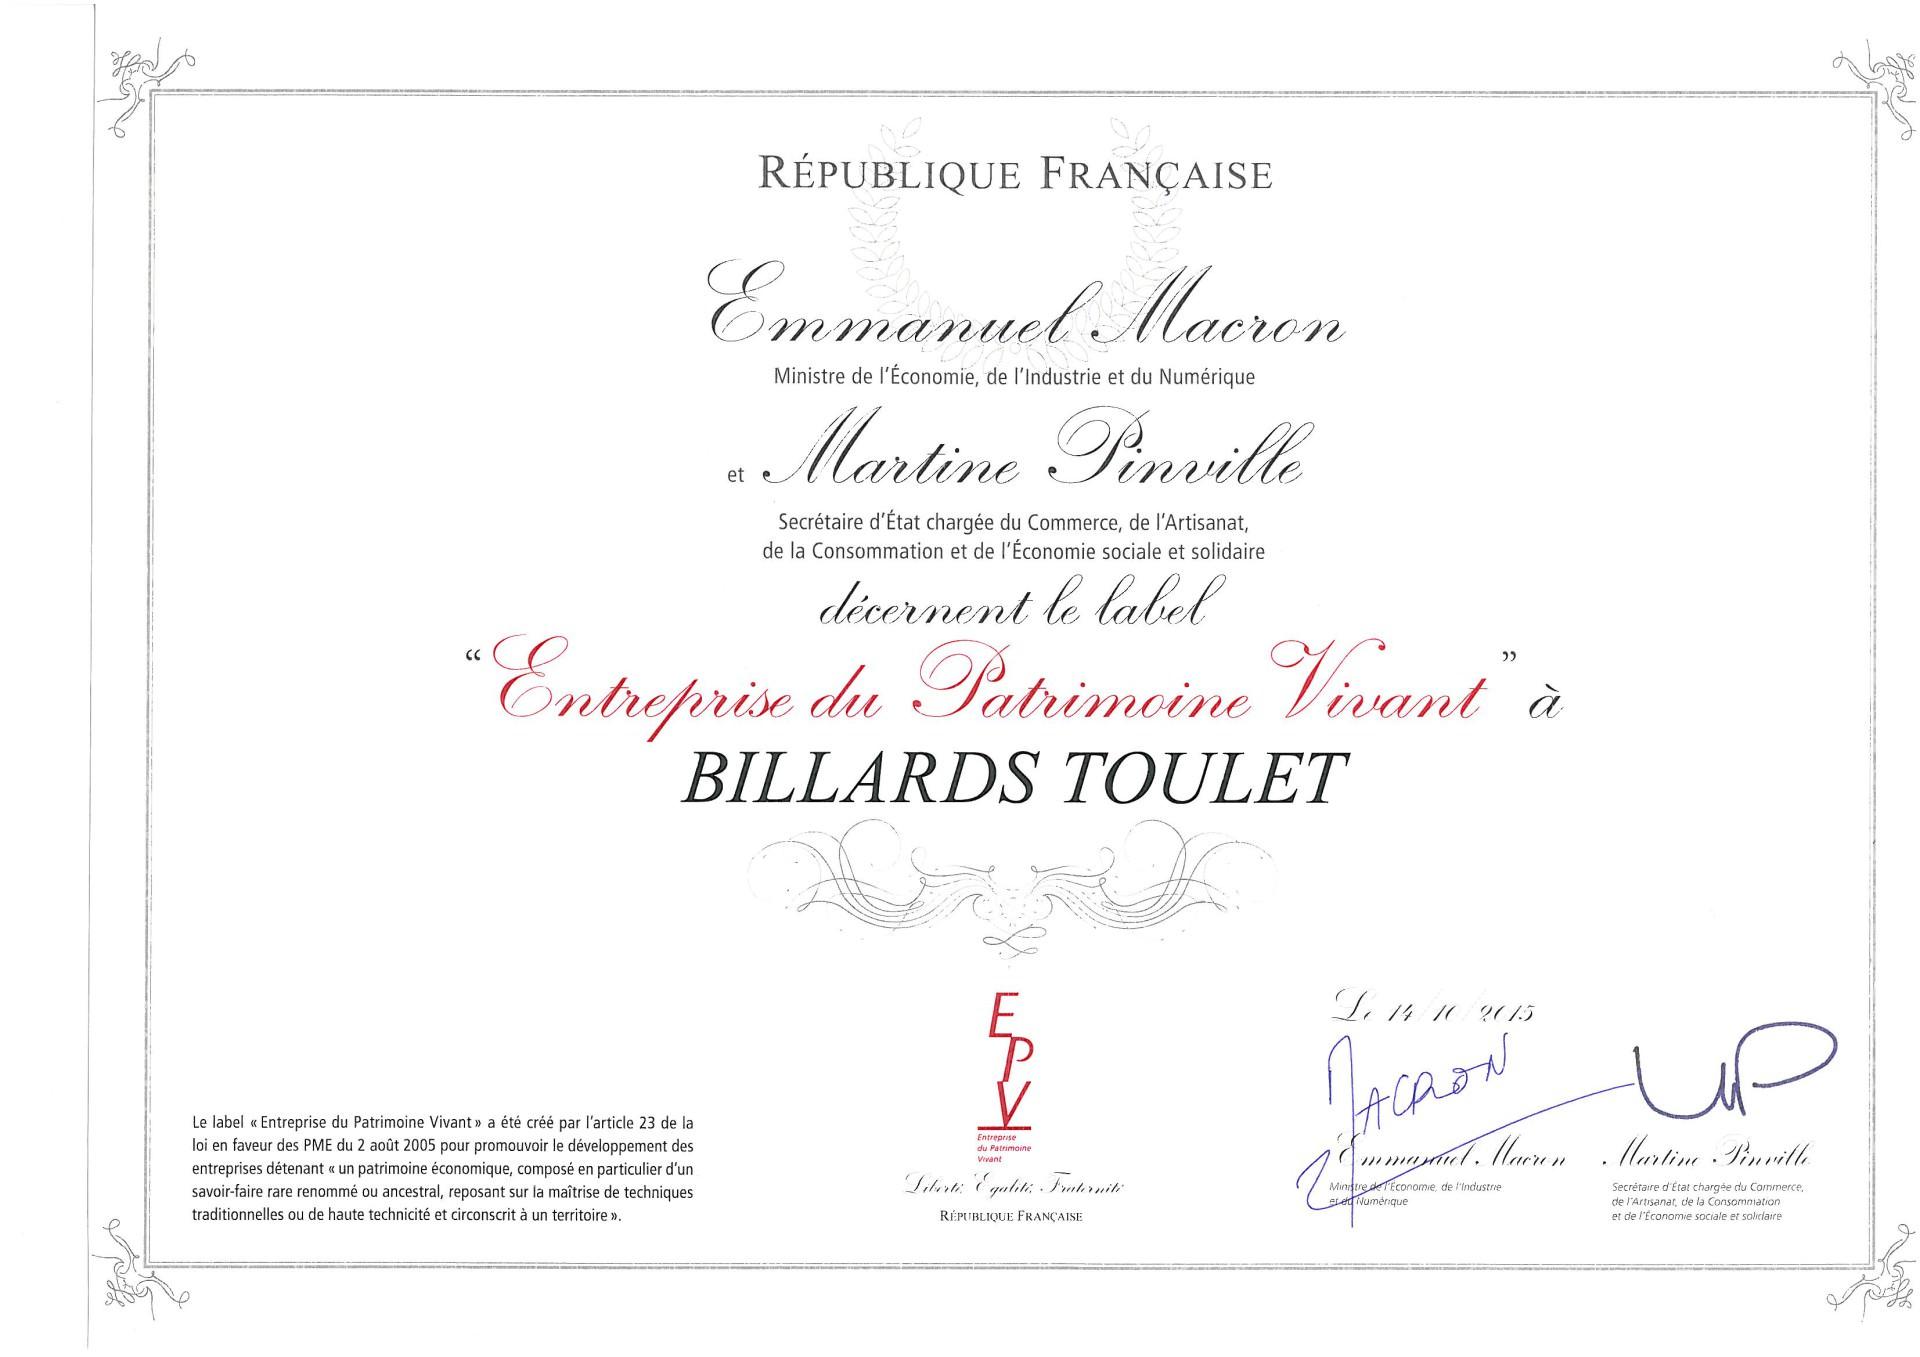 bdf15a9fbe808d Archives des Actus - Page 5 sur 10 - Billards Toulet FR